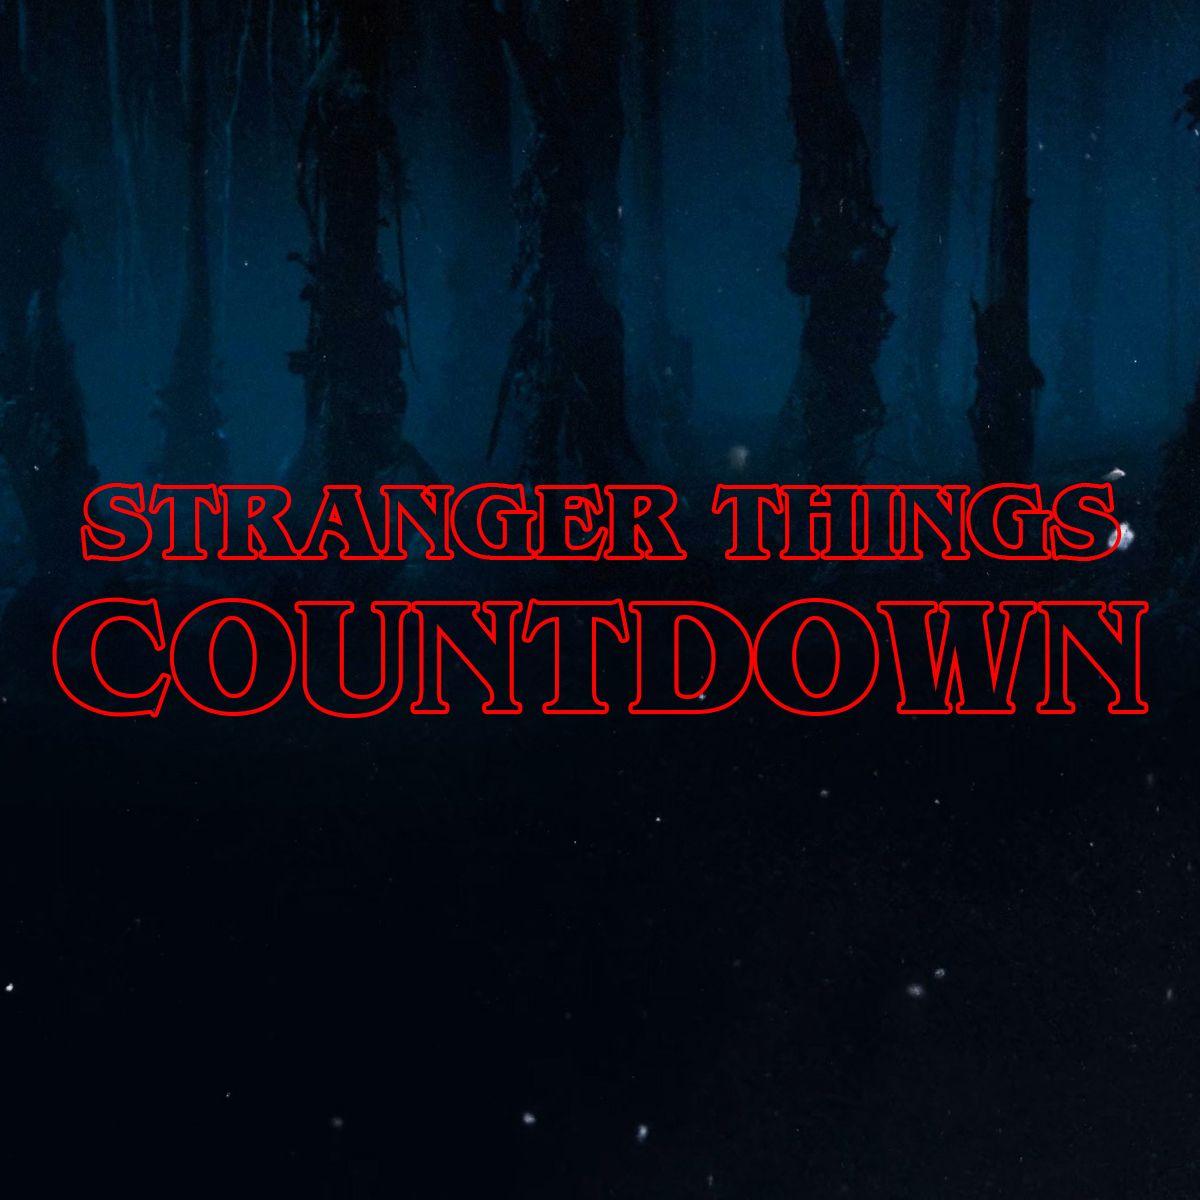 [US] Countdown to Stranger Things Season 2 Strange